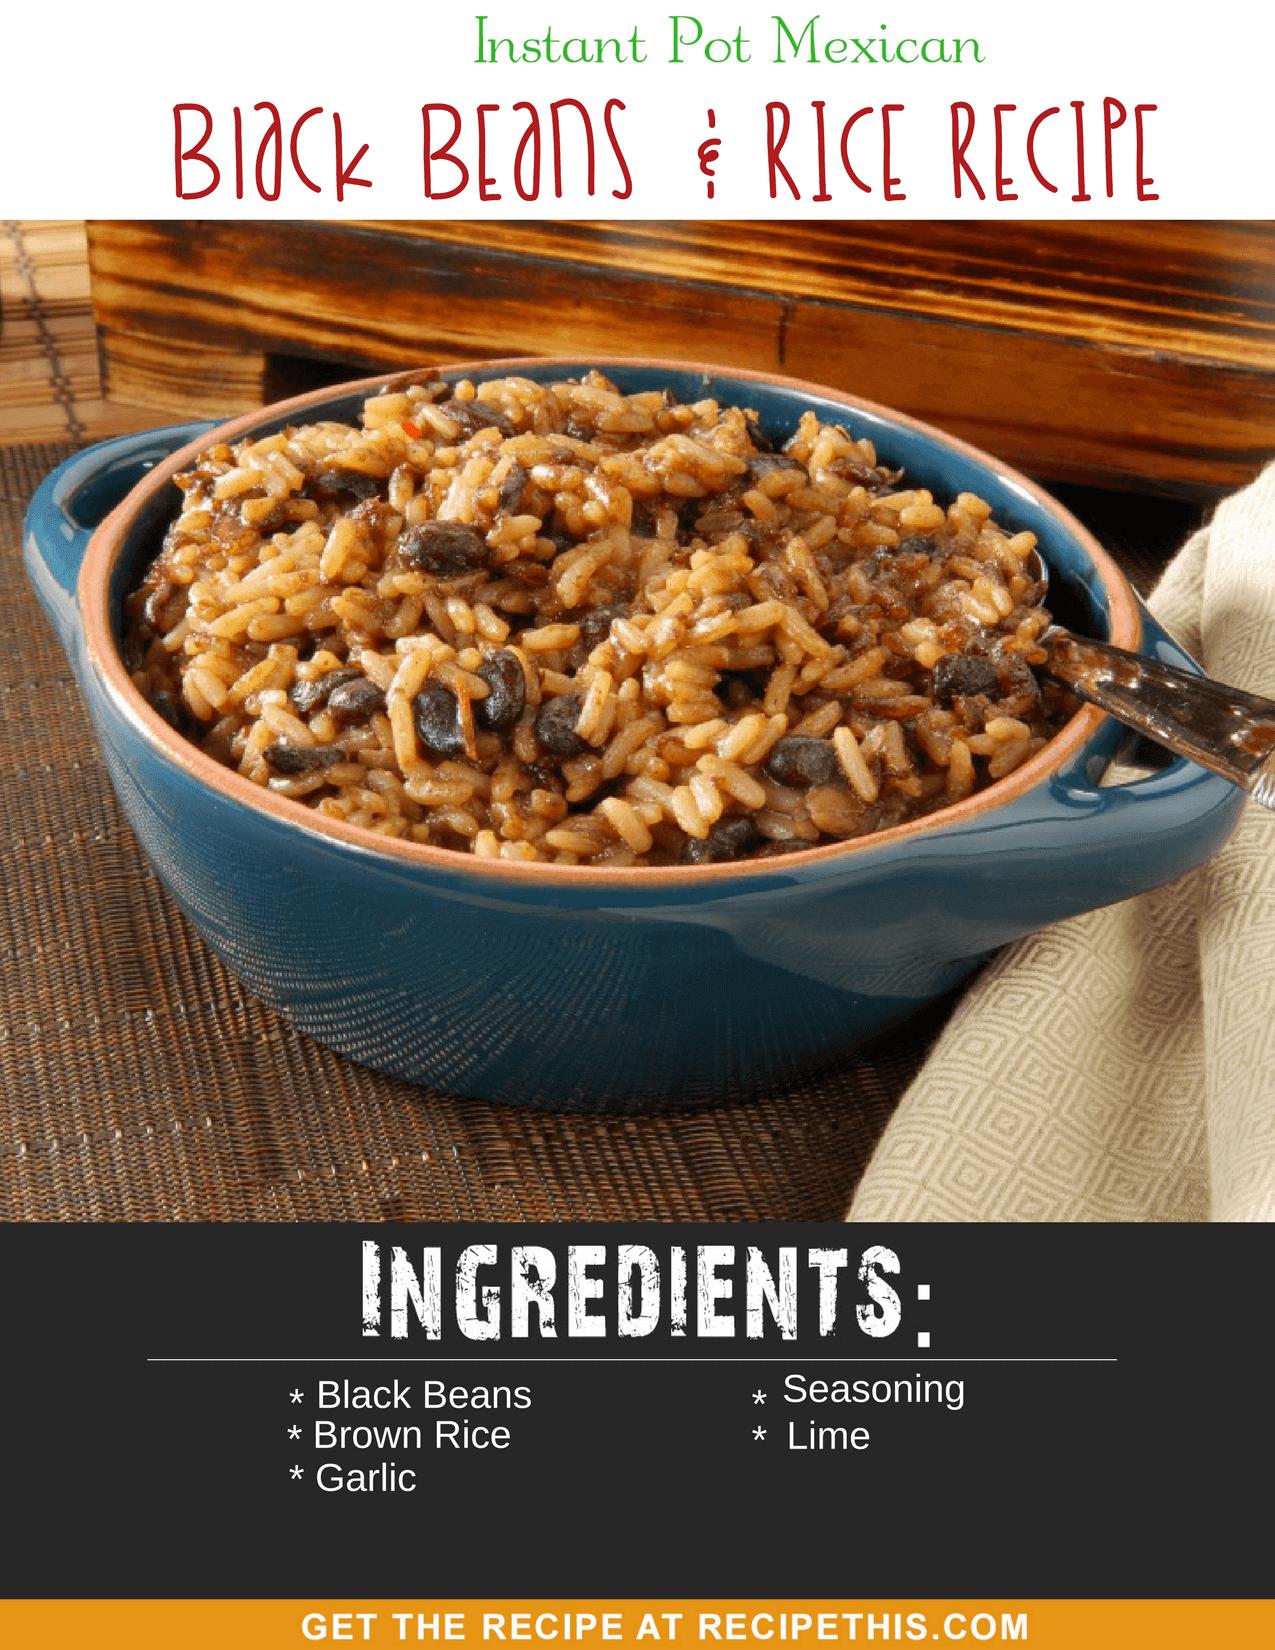 #InstantPot Recipes | Instant Pot Mexican Black Beans & Rice recipe at recipethis.com